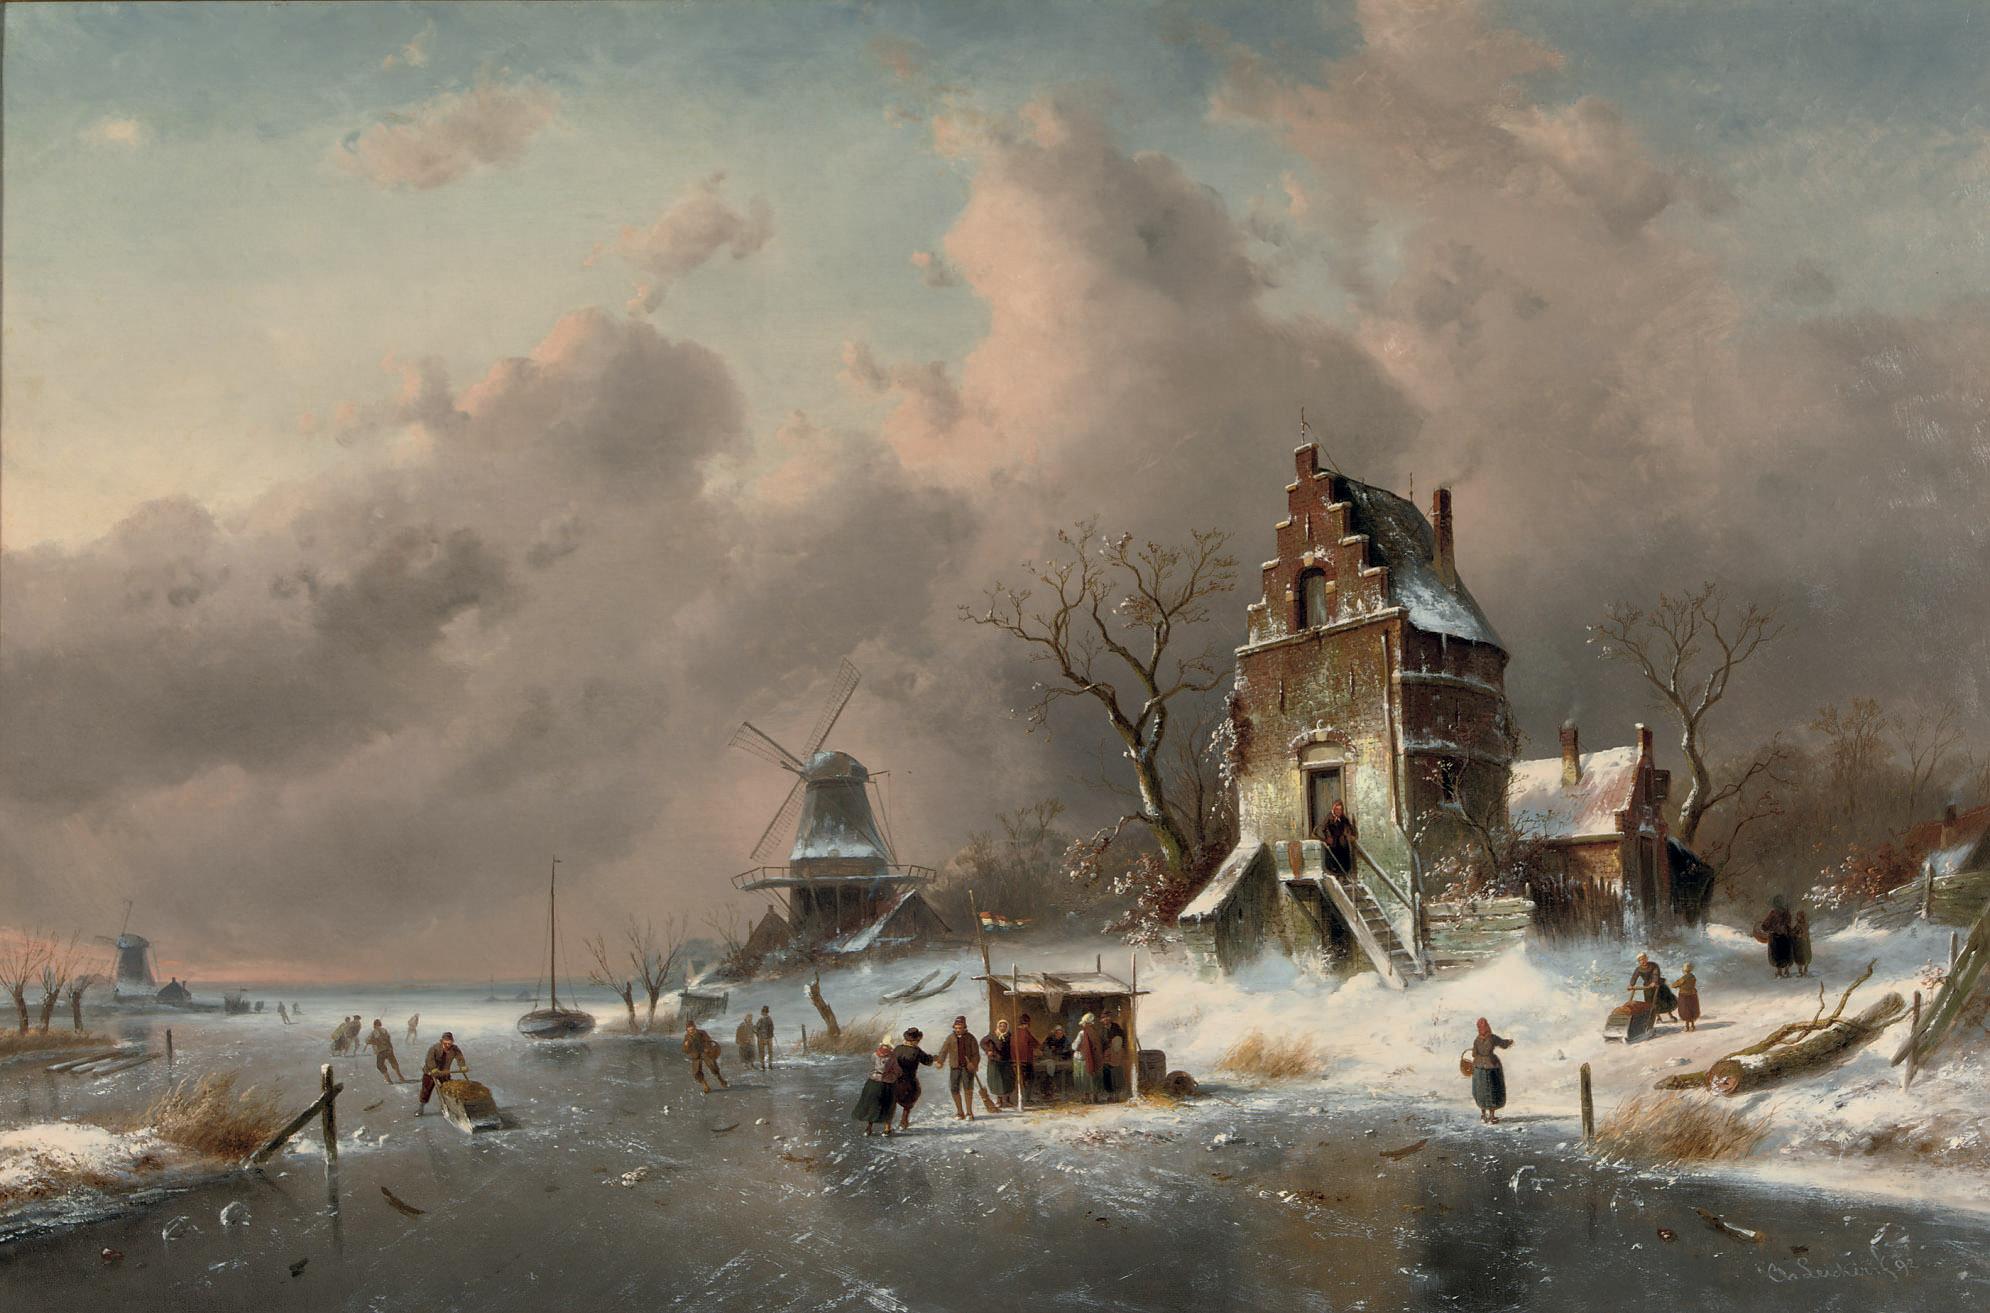 Numerous skaters near a koek-en-zopie on a frozen waterway by a mansion